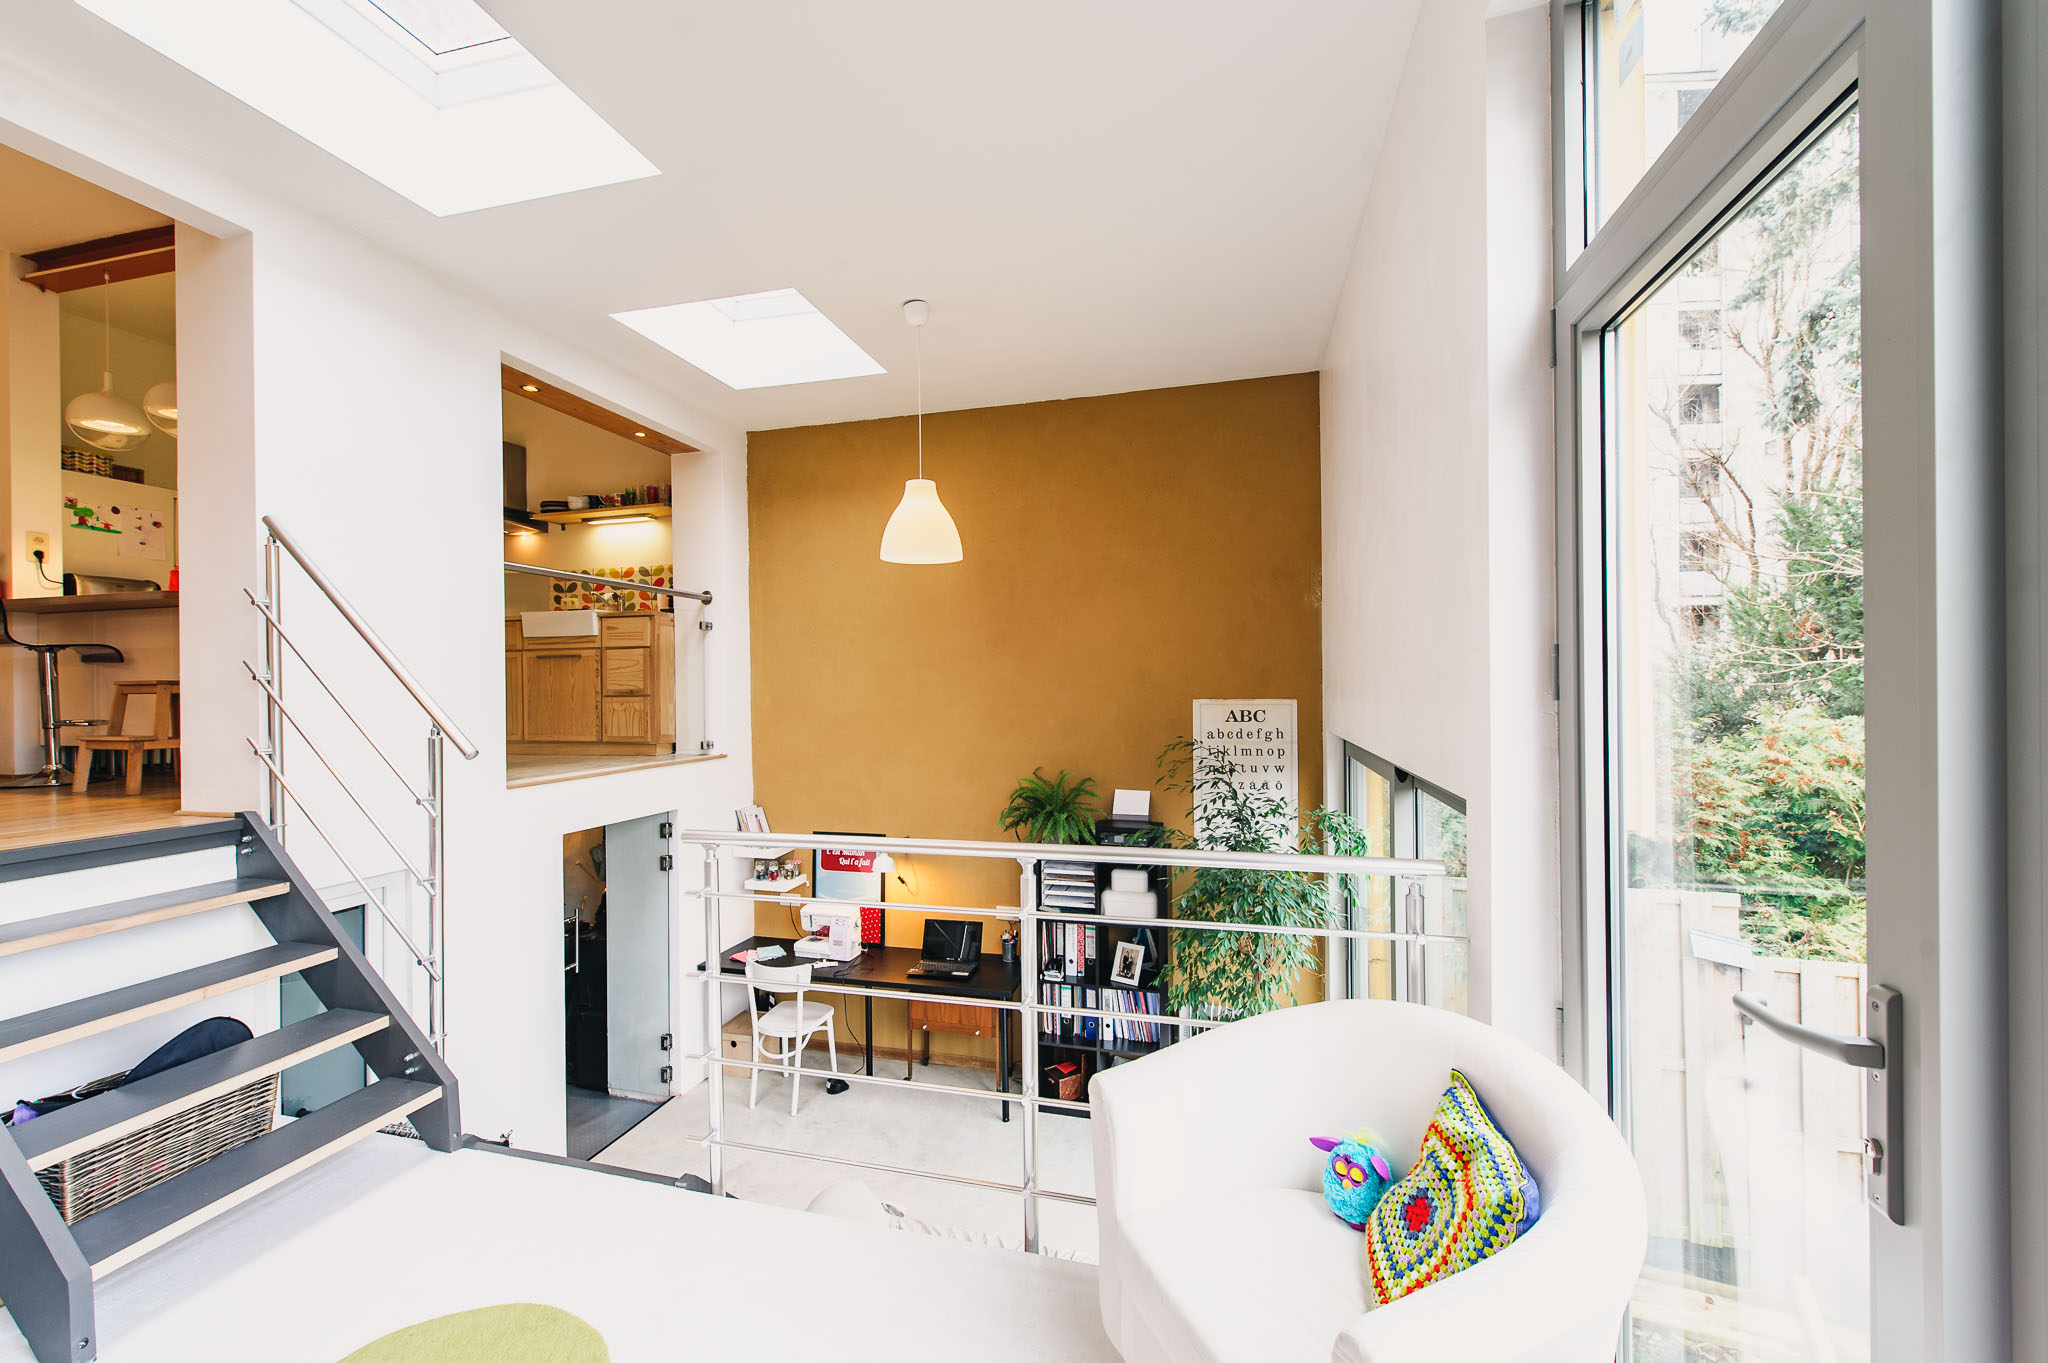 Giga-Architectures-Transformation-structure-demi-niveaux-rénovation-urbaine-enduit-argile